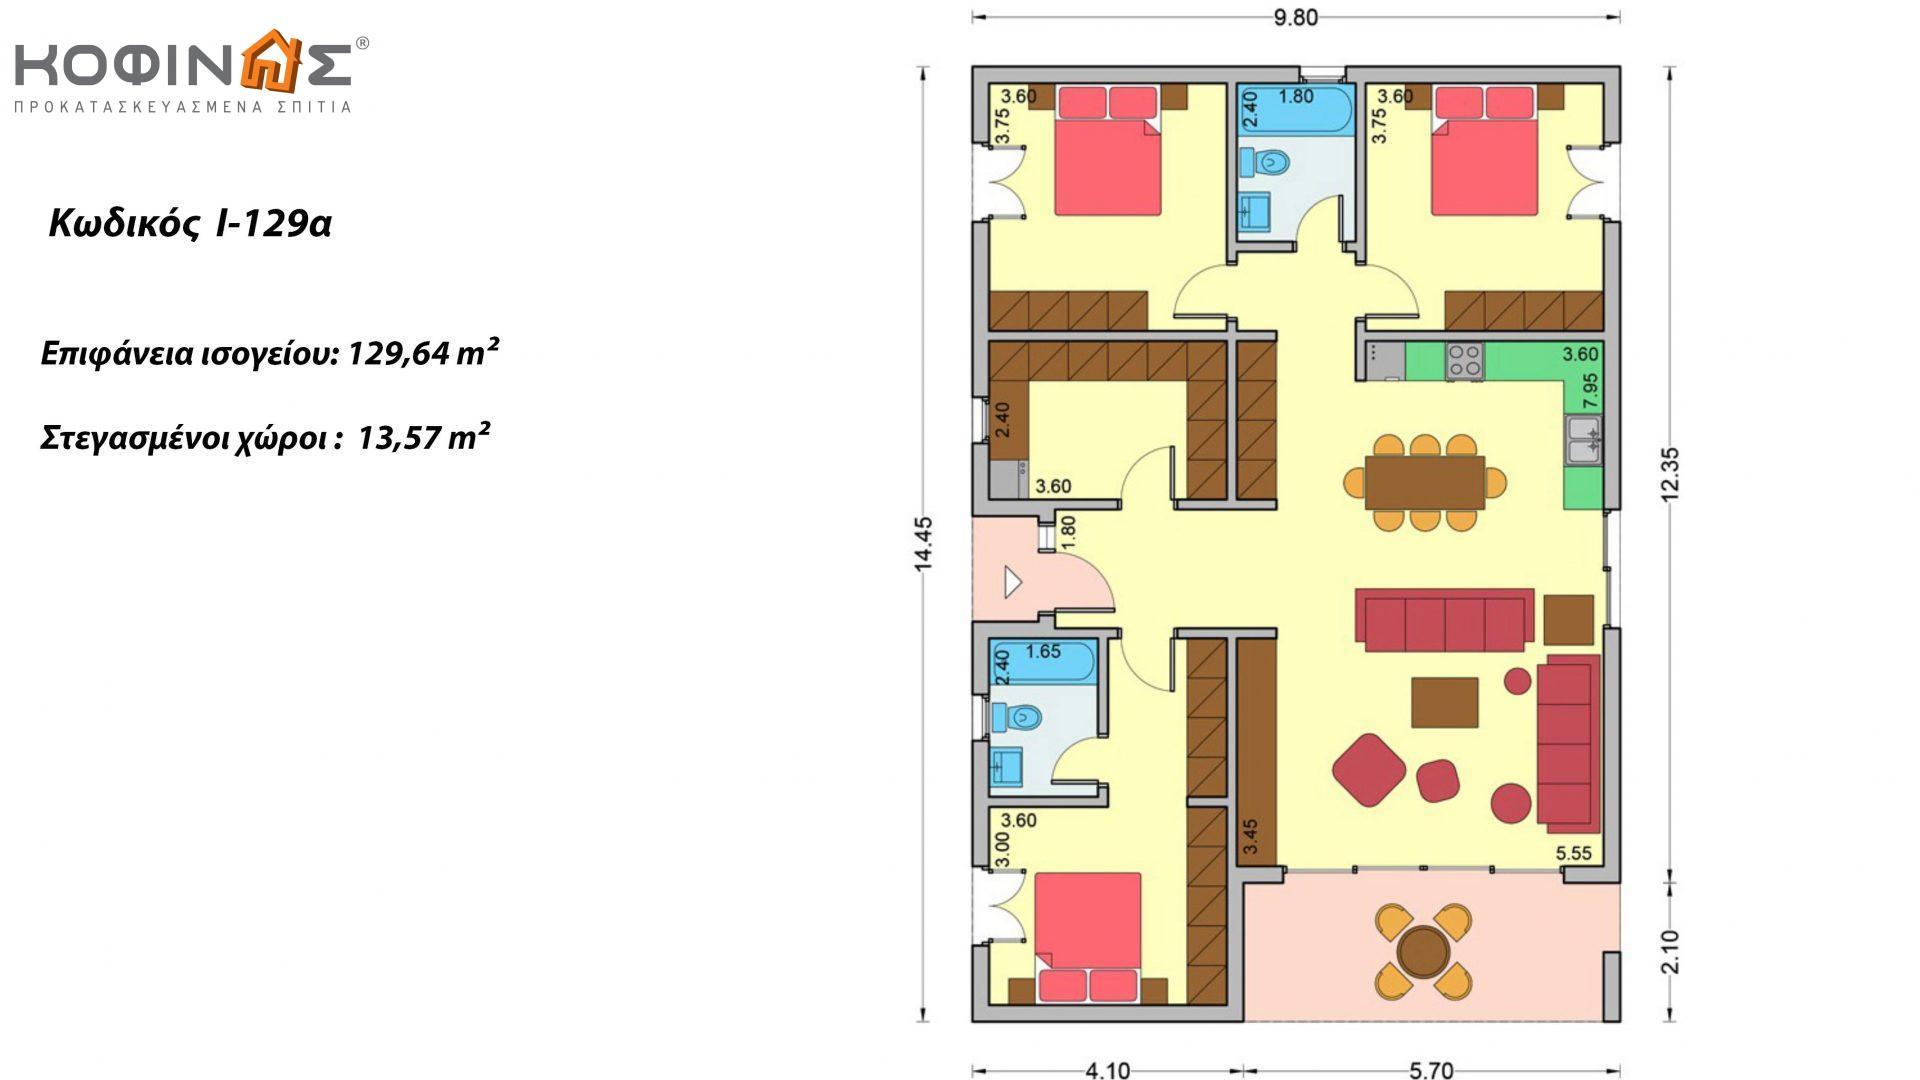 Ισόγεια Κατοικία I-129a, συνολικής επιφάνειας 129,64 τ.μ., στεγασμένοι χώροι 13,57 τ.μ.